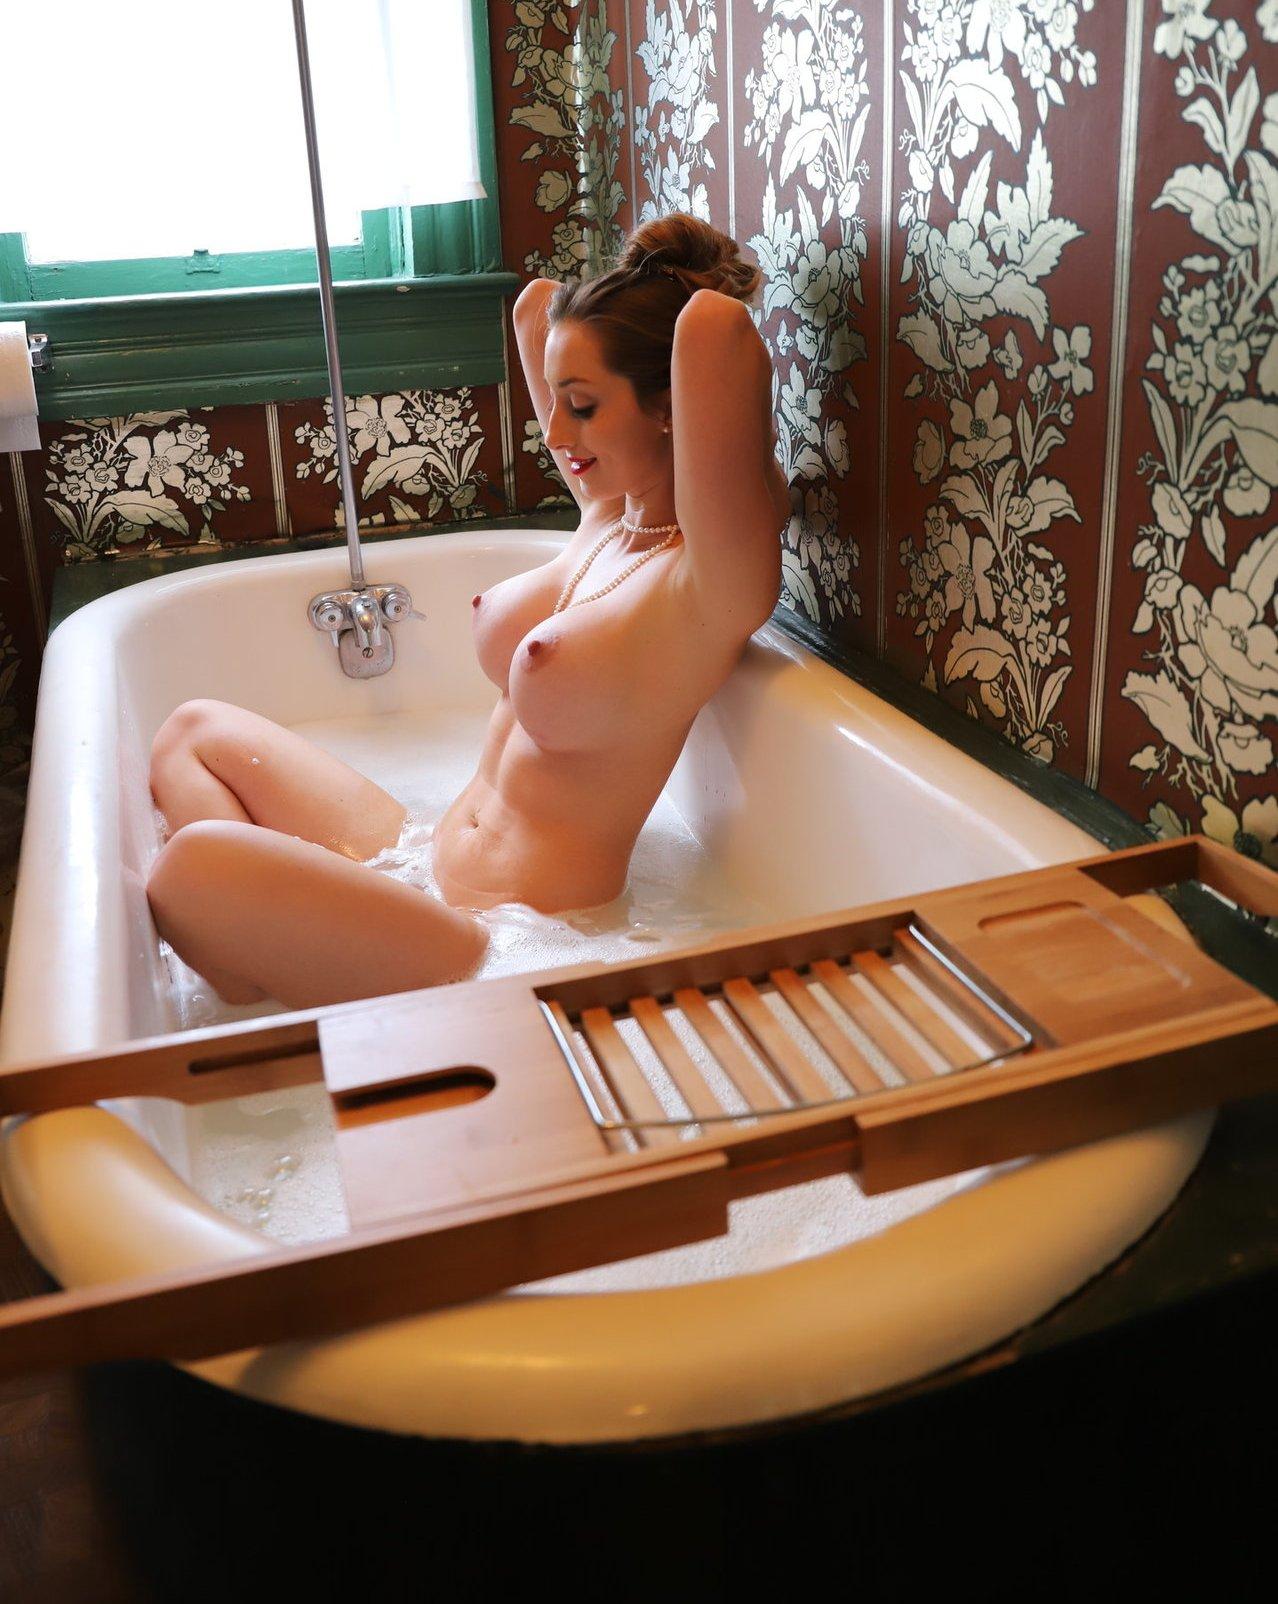 Abby Opel Onlyfans Nude Leaks 0018